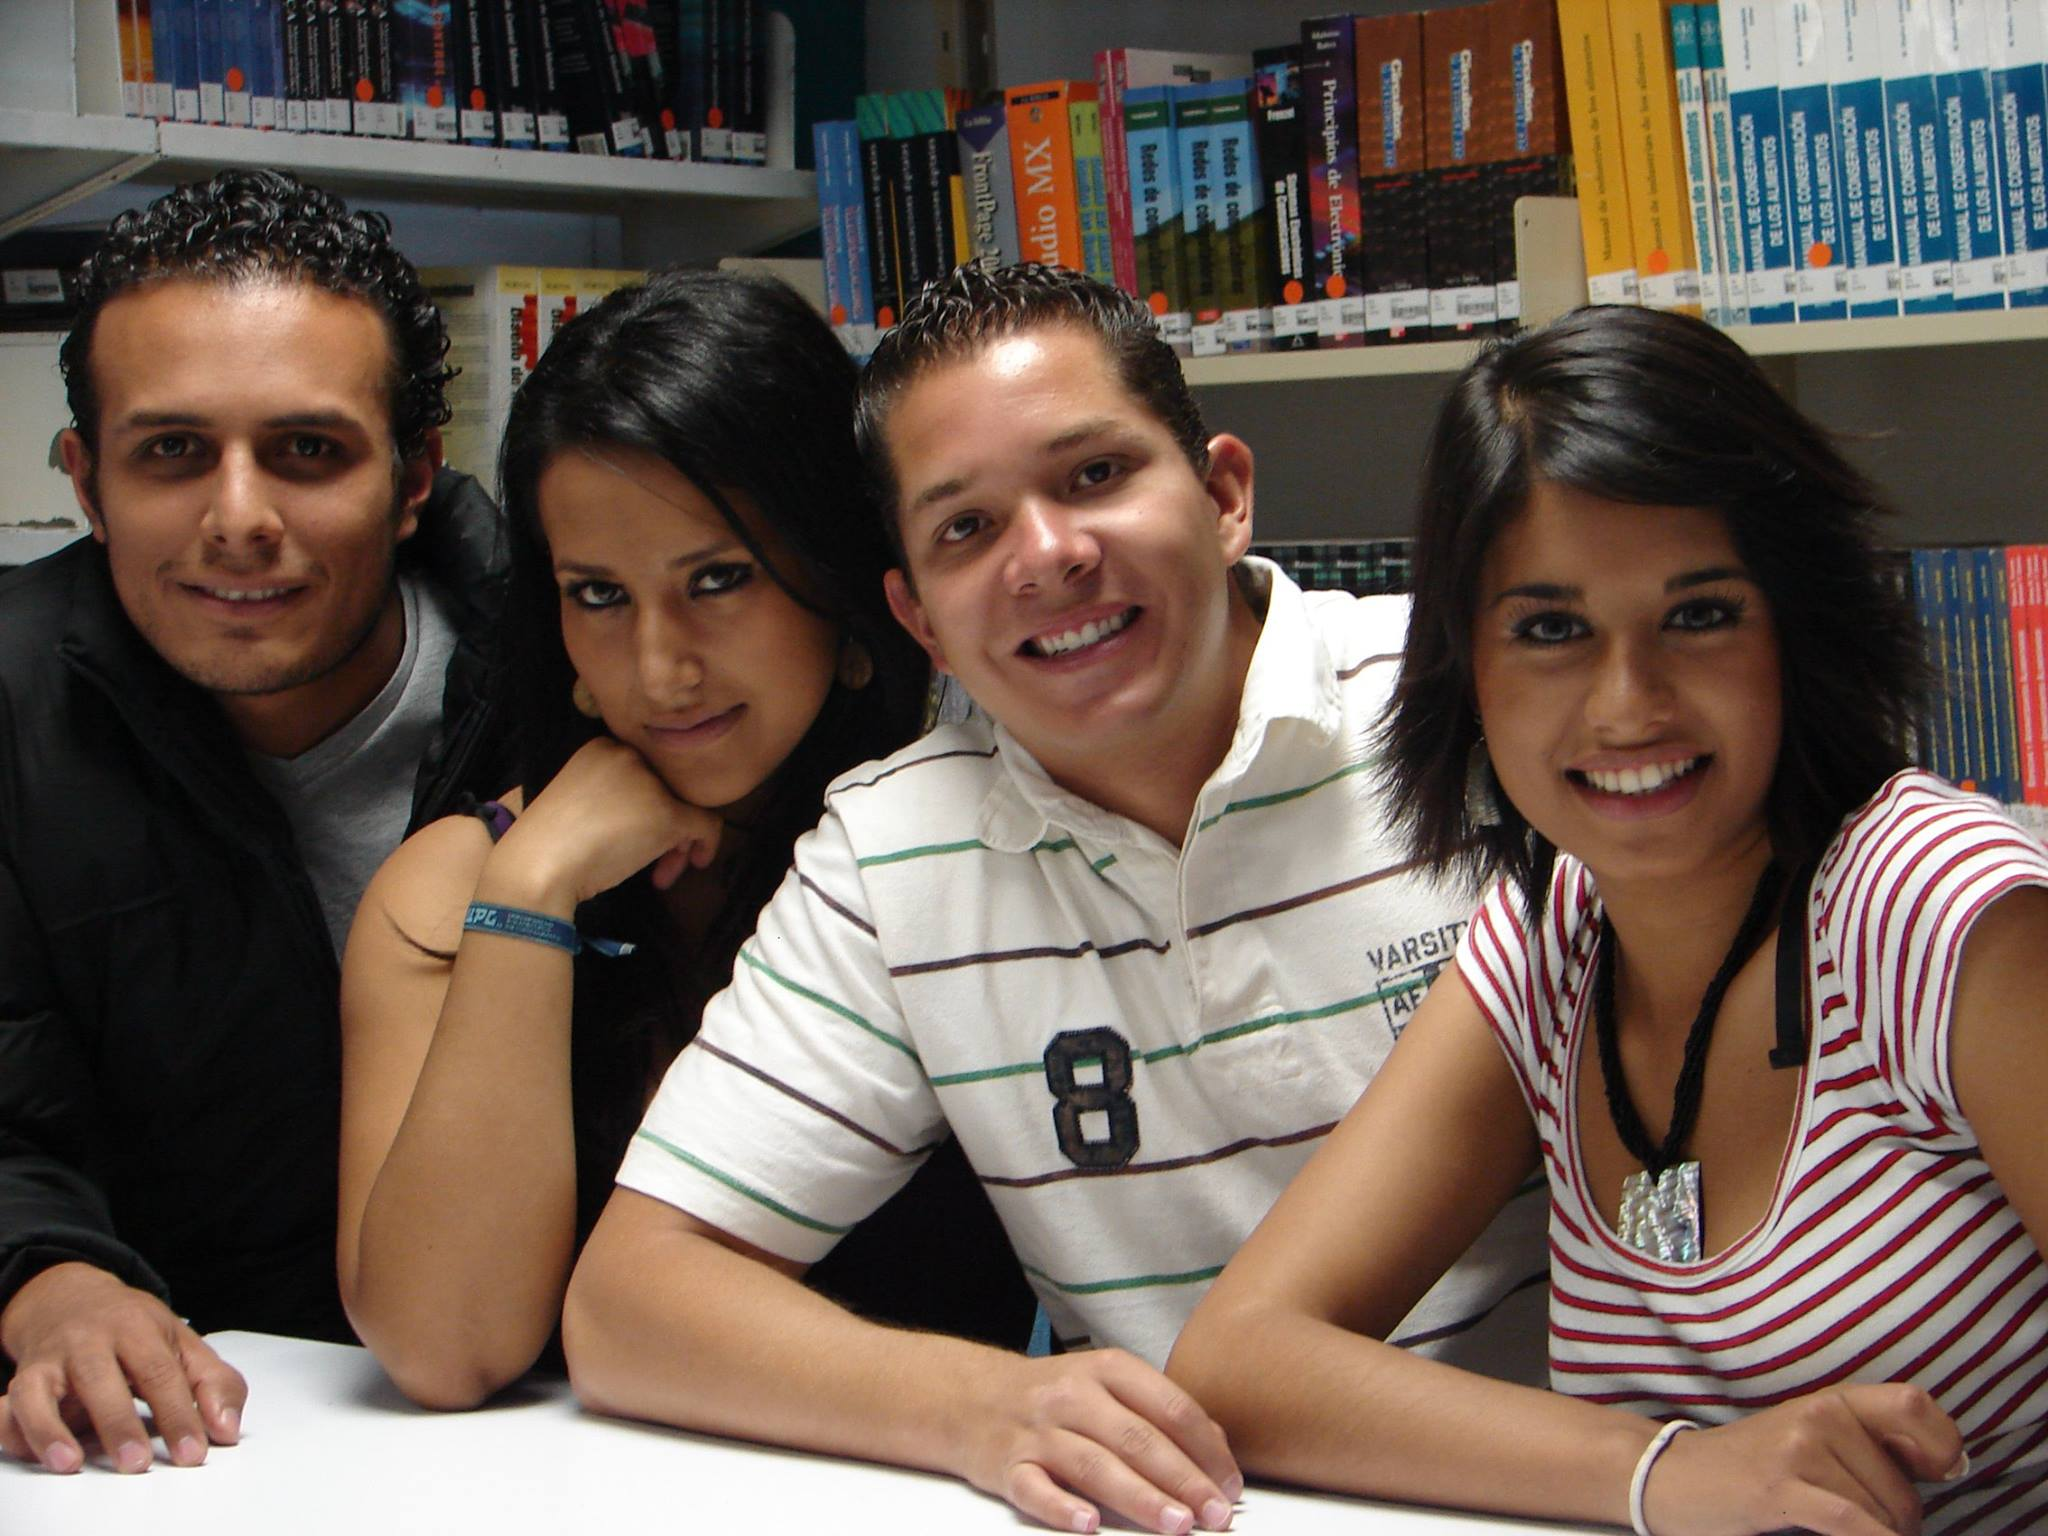 #Proyecta100Mil convoca a estudiantes de instituciones públicas de educación superior a solicitar una Beca de Capacitación para cursar estudios intensivos del idioma inglés como segunda lengua.